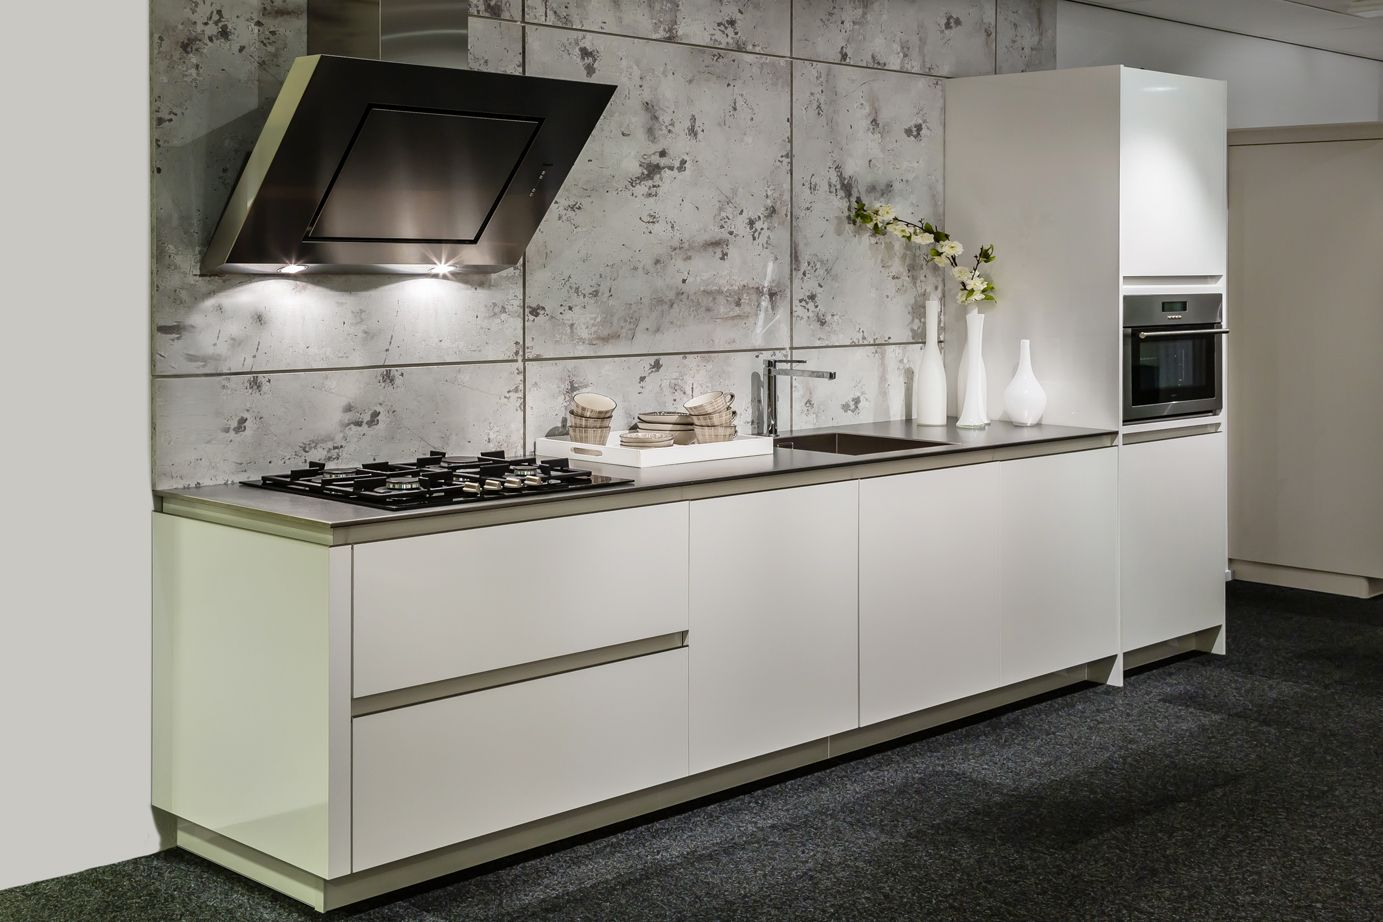 Moderne design keuken met rvs aanrechtblad db keukens witte keukens pinterest - Moderne designkeuken ...